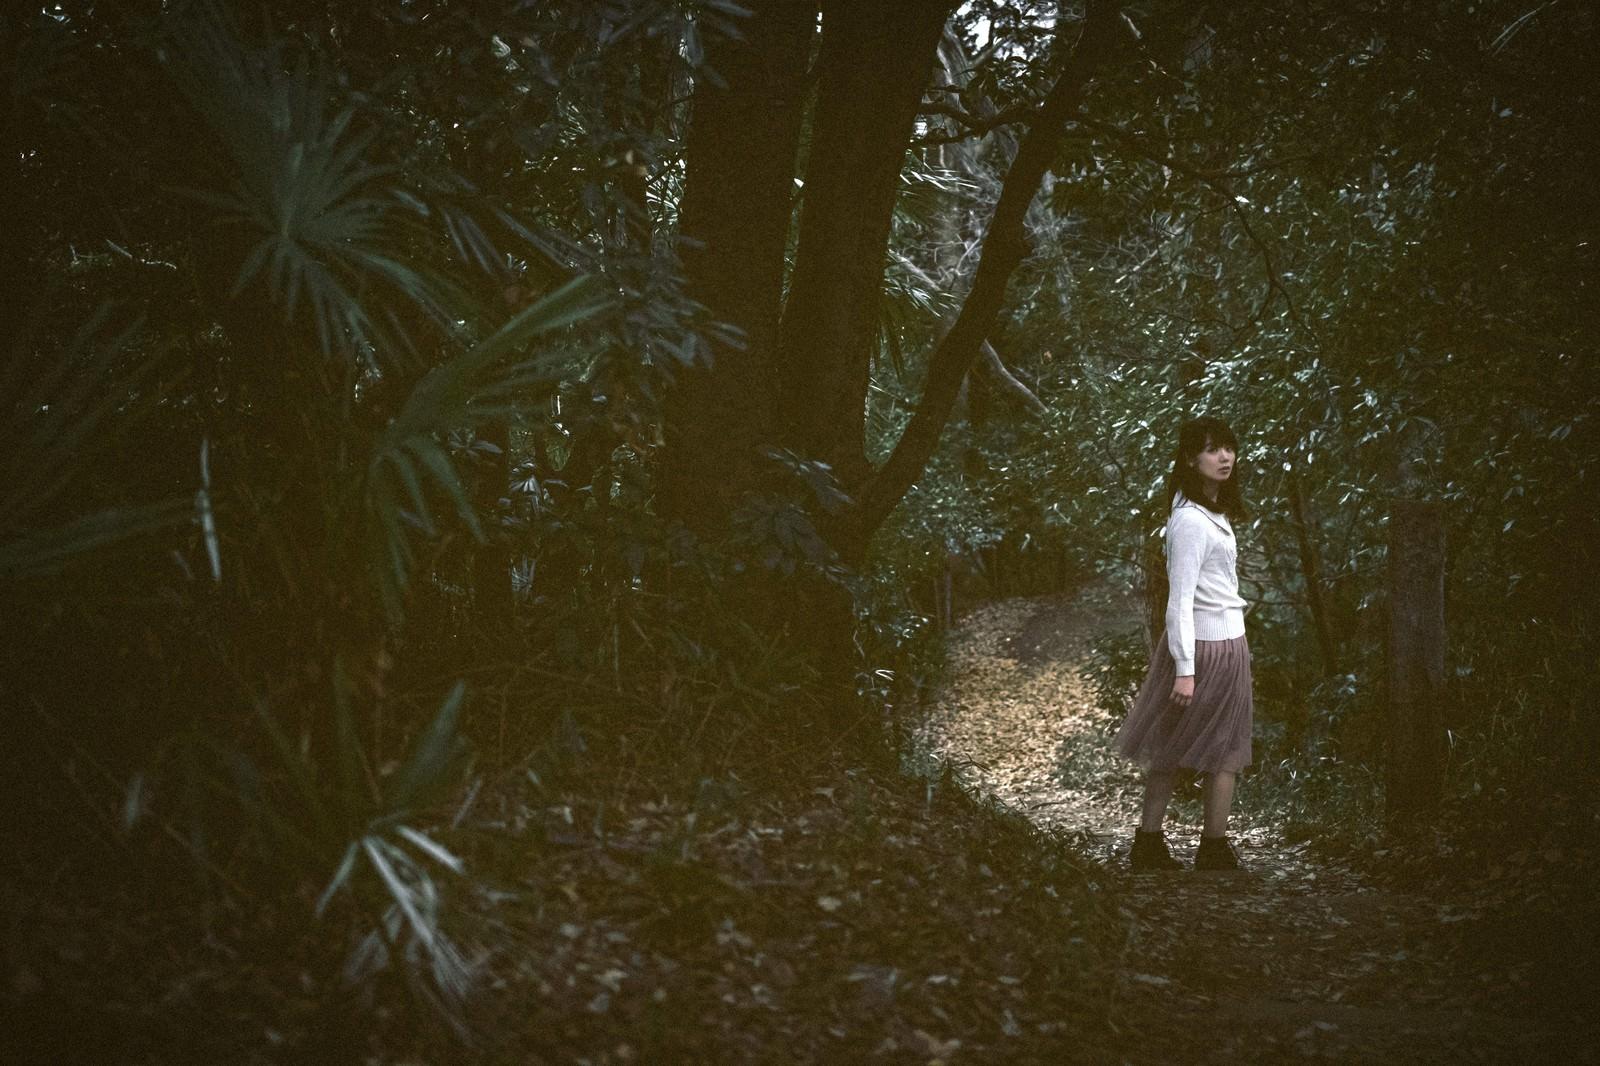 「森に迷い込んだ女性森に迷い込んだ女性」[モデル:白鳥片栗粉]のフリー写真素材を拡大